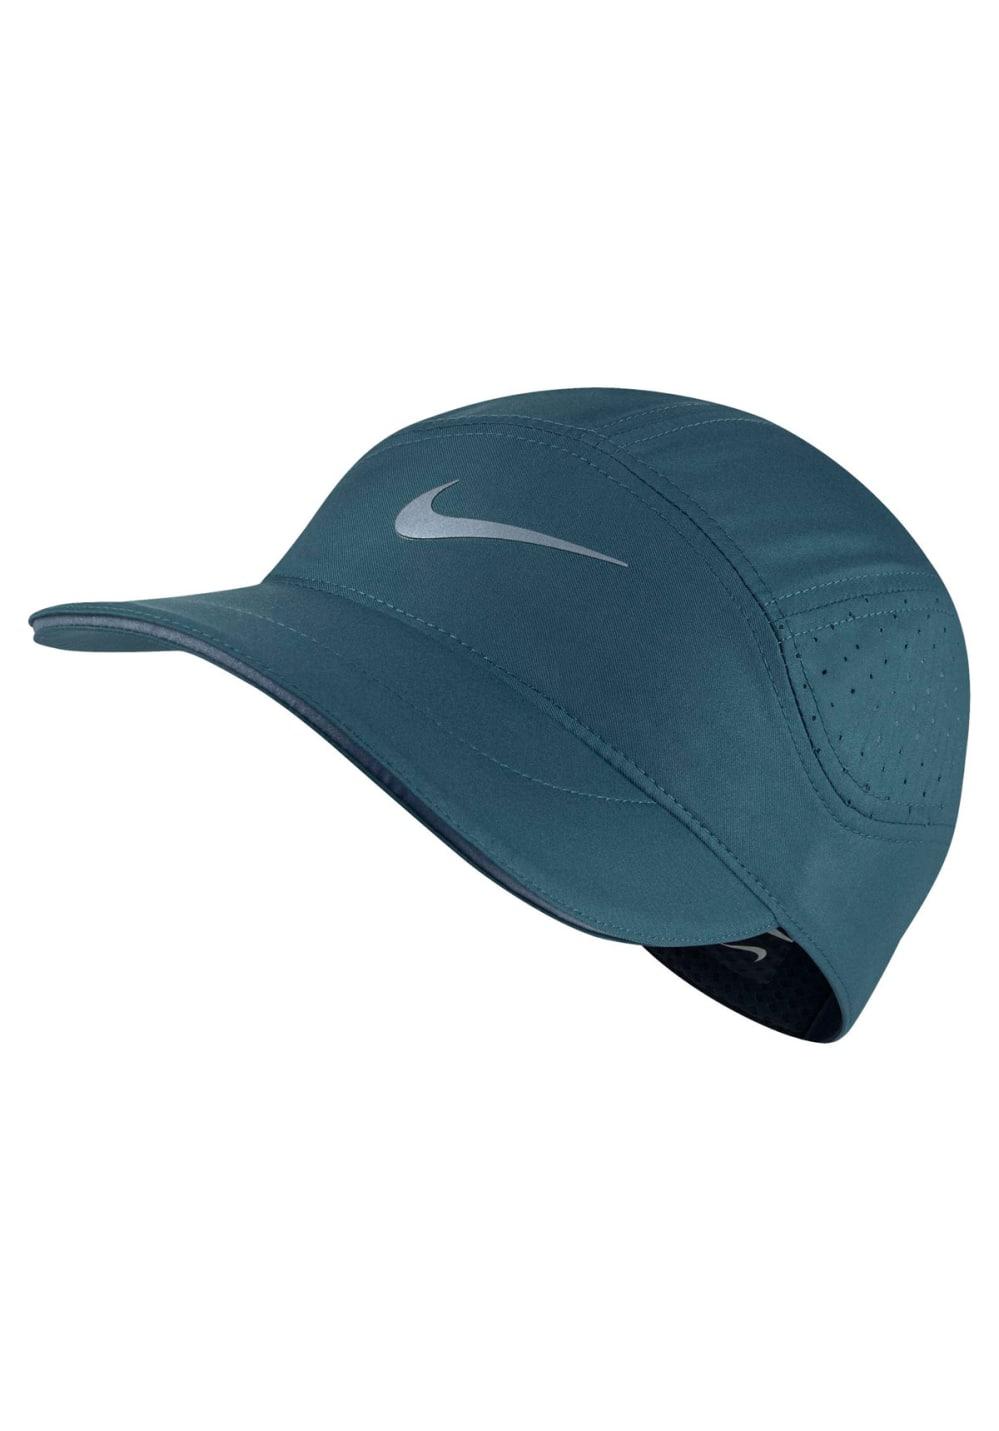 595f350654f9d Previous. Next. Nike. AeroBill Running Cap - Headdress